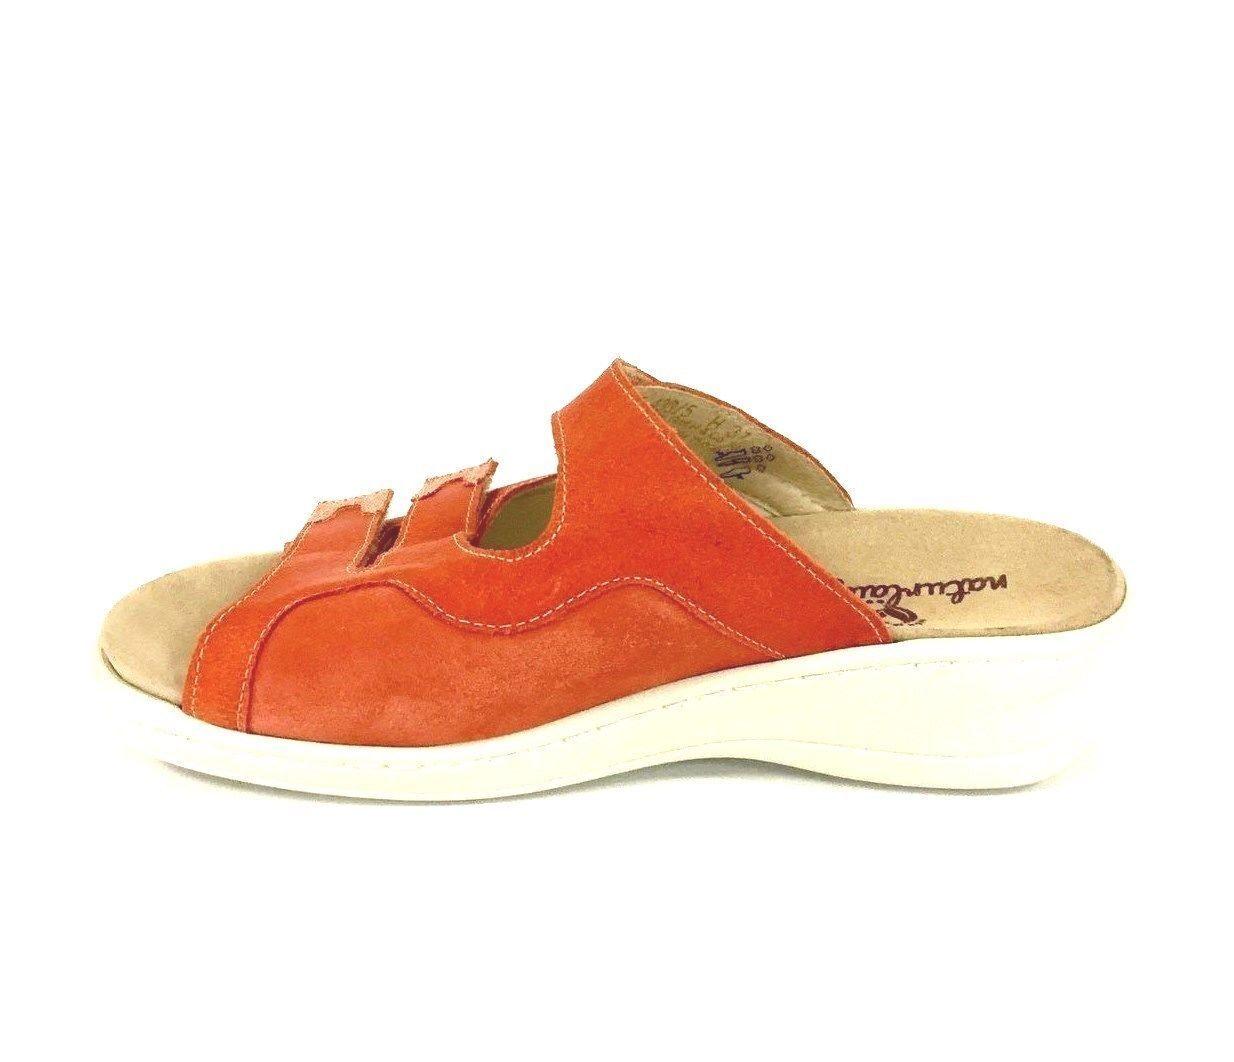 676a40c43 Zapatos sandalia es sandalias de cuero velcro de naturaleza alfil (8) ancho  h nuevo 3fabc5 - caminodelexito.es